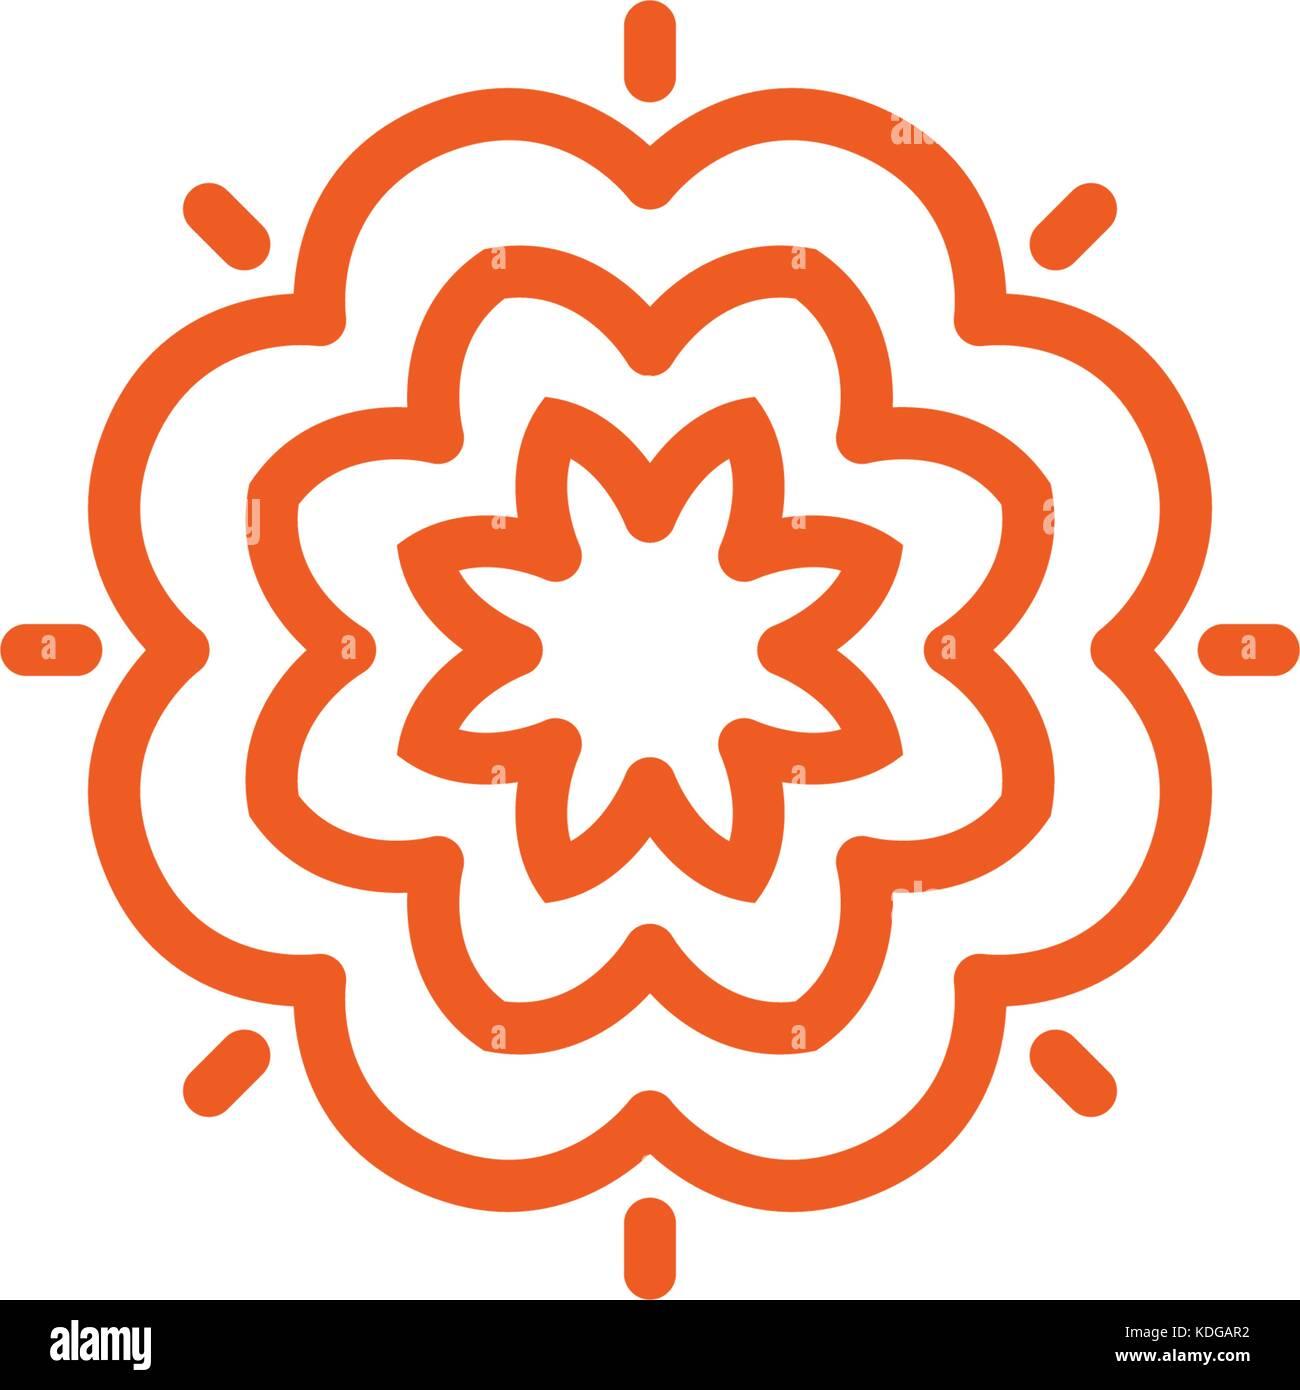 Flower vector linear logo. Orange line art sun icon. Outline garden abstract symbol. Stock Vector